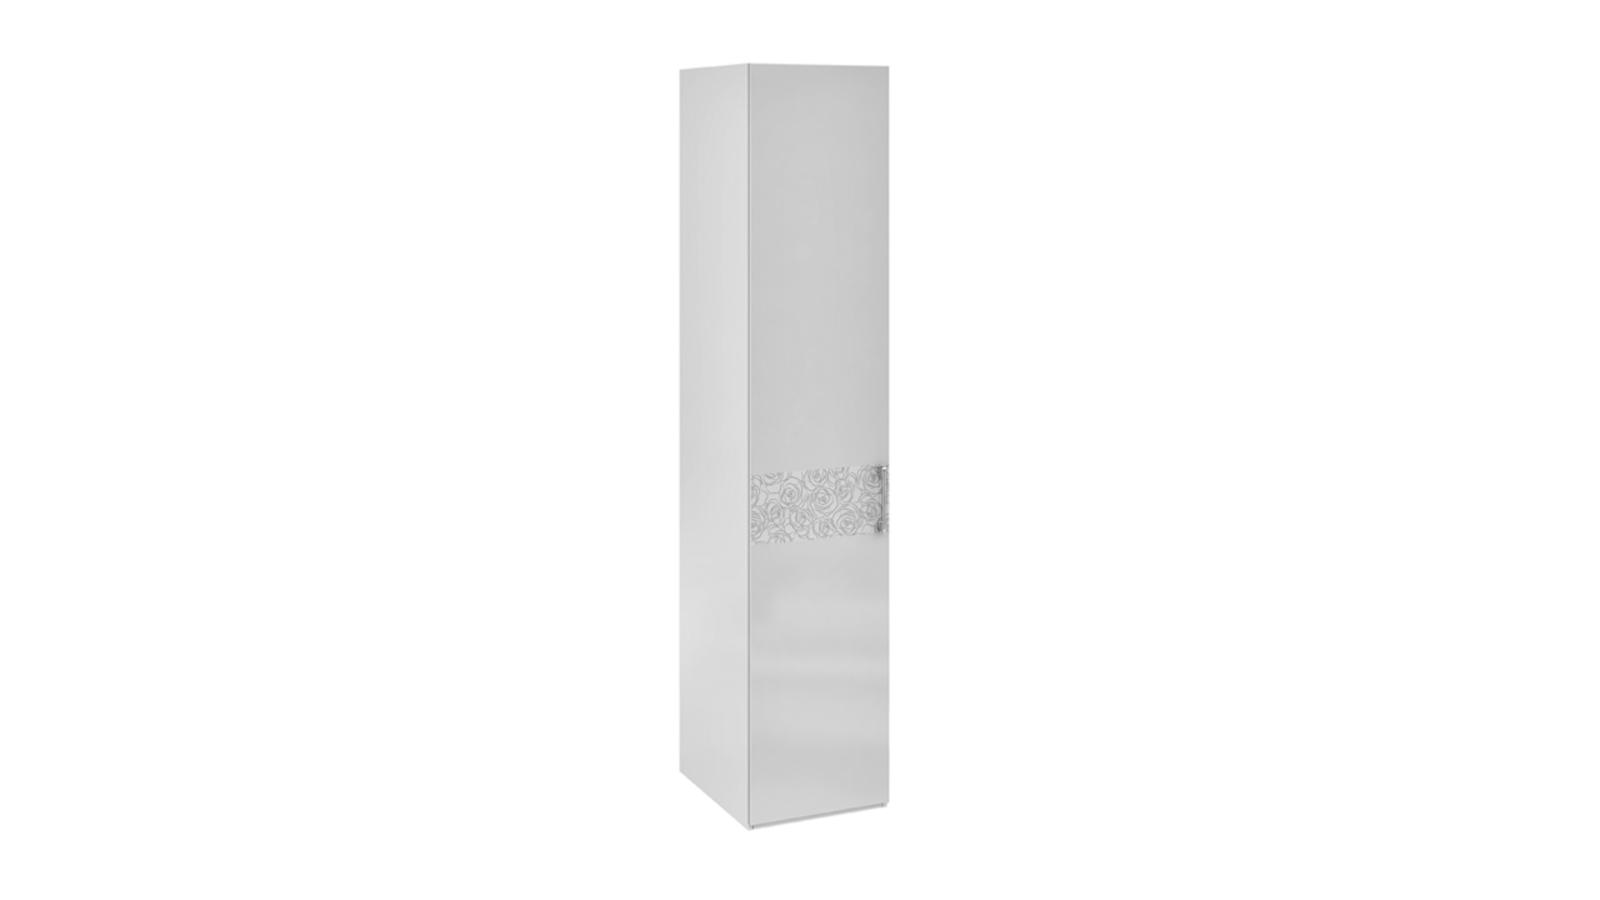 Шкаф распашной однодверный Давос вариант №2 (белый матовый)